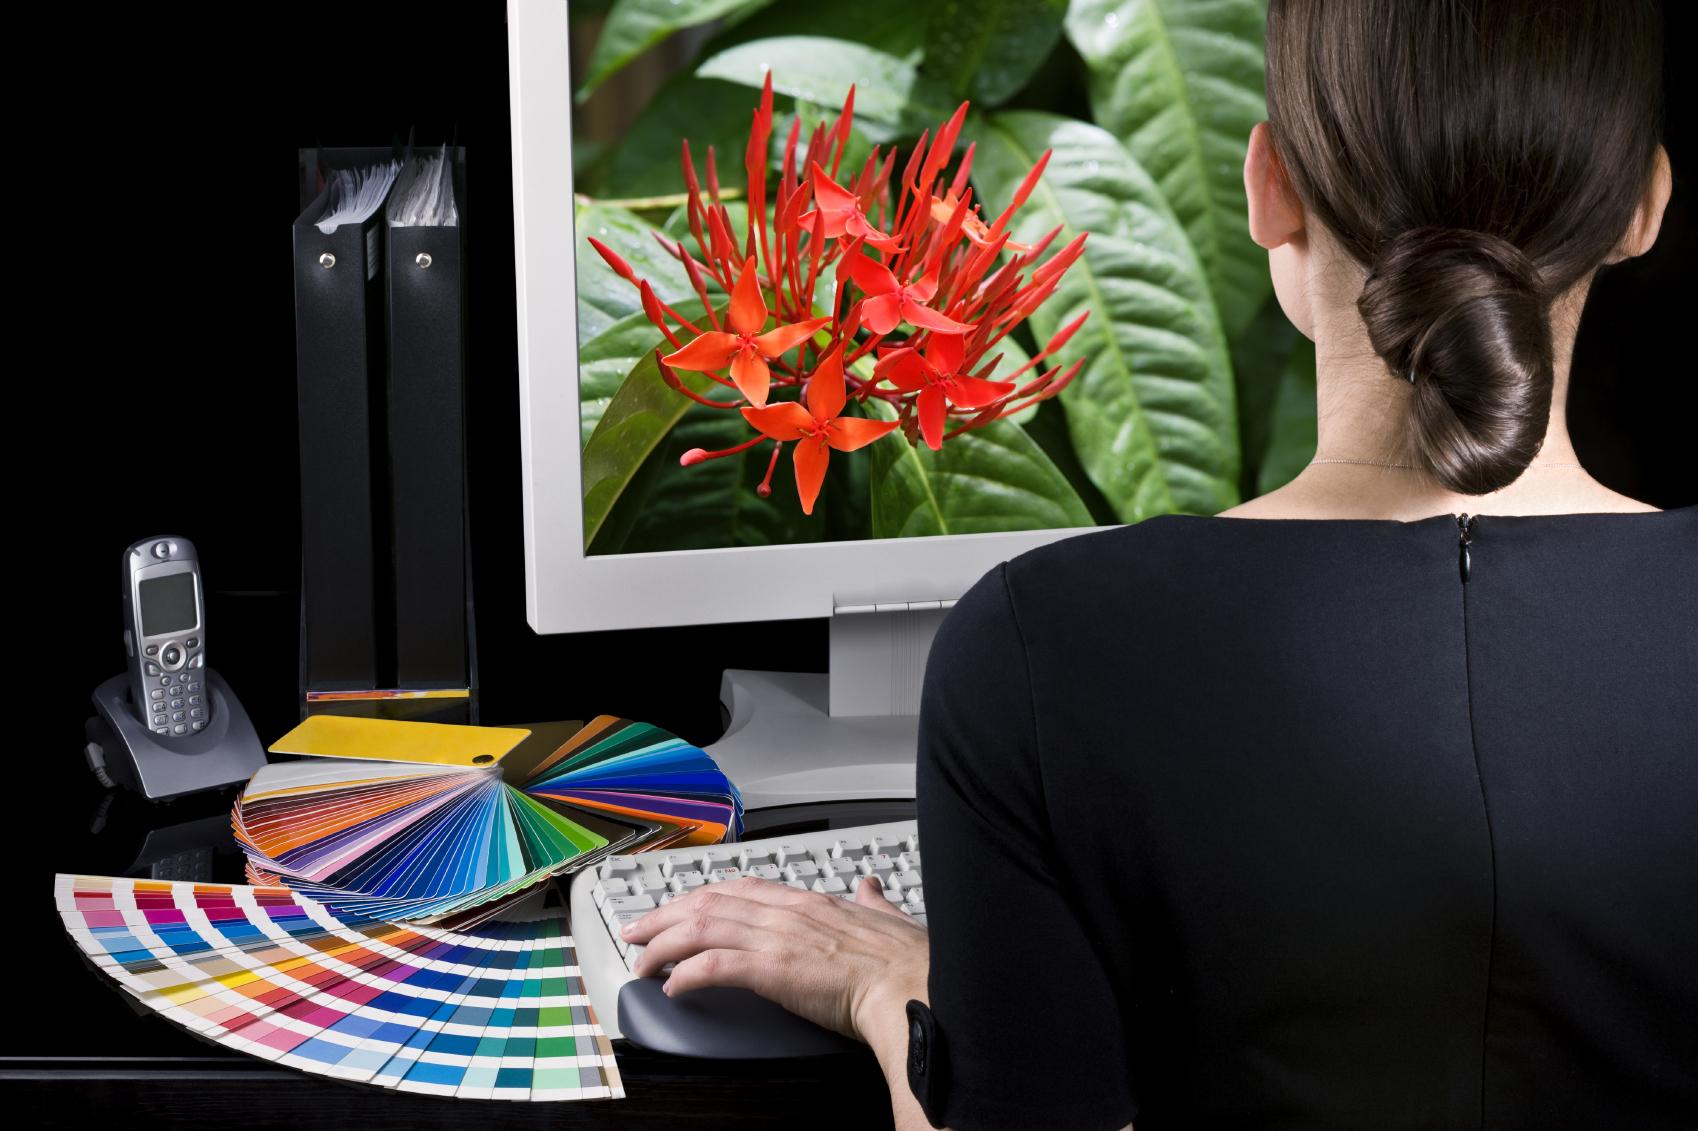 Дизайн на компьютерную тему